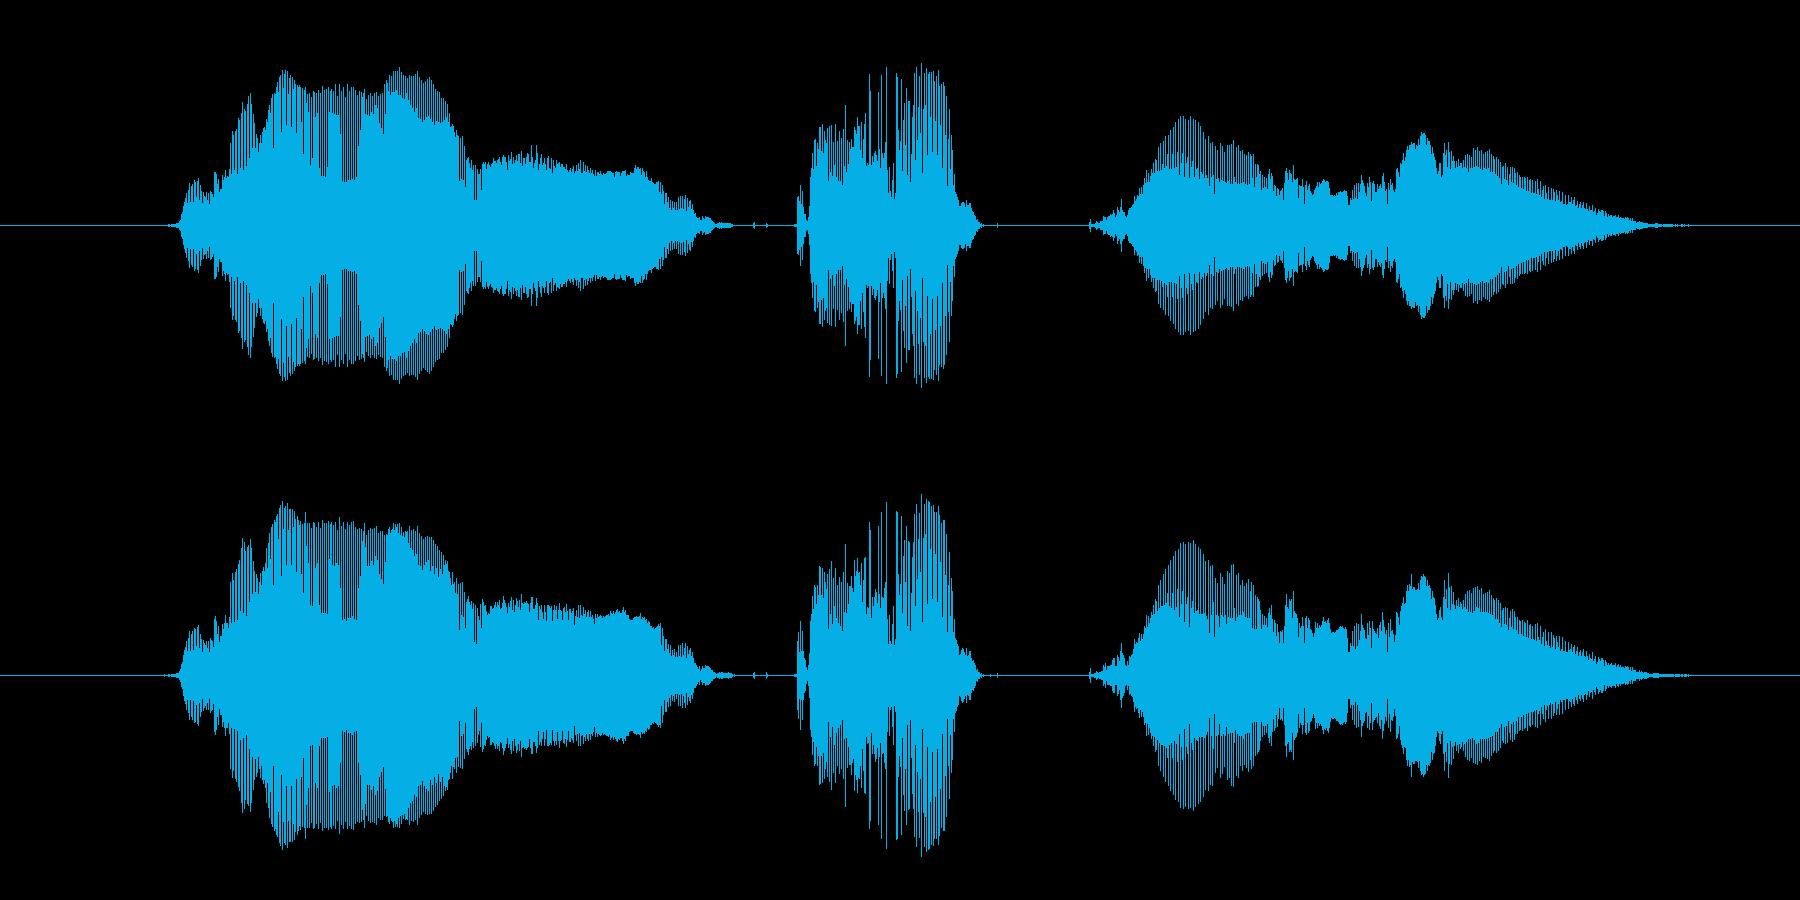 【勝利・自分】「わーい、かっちーぃ!」の再生済みの波形